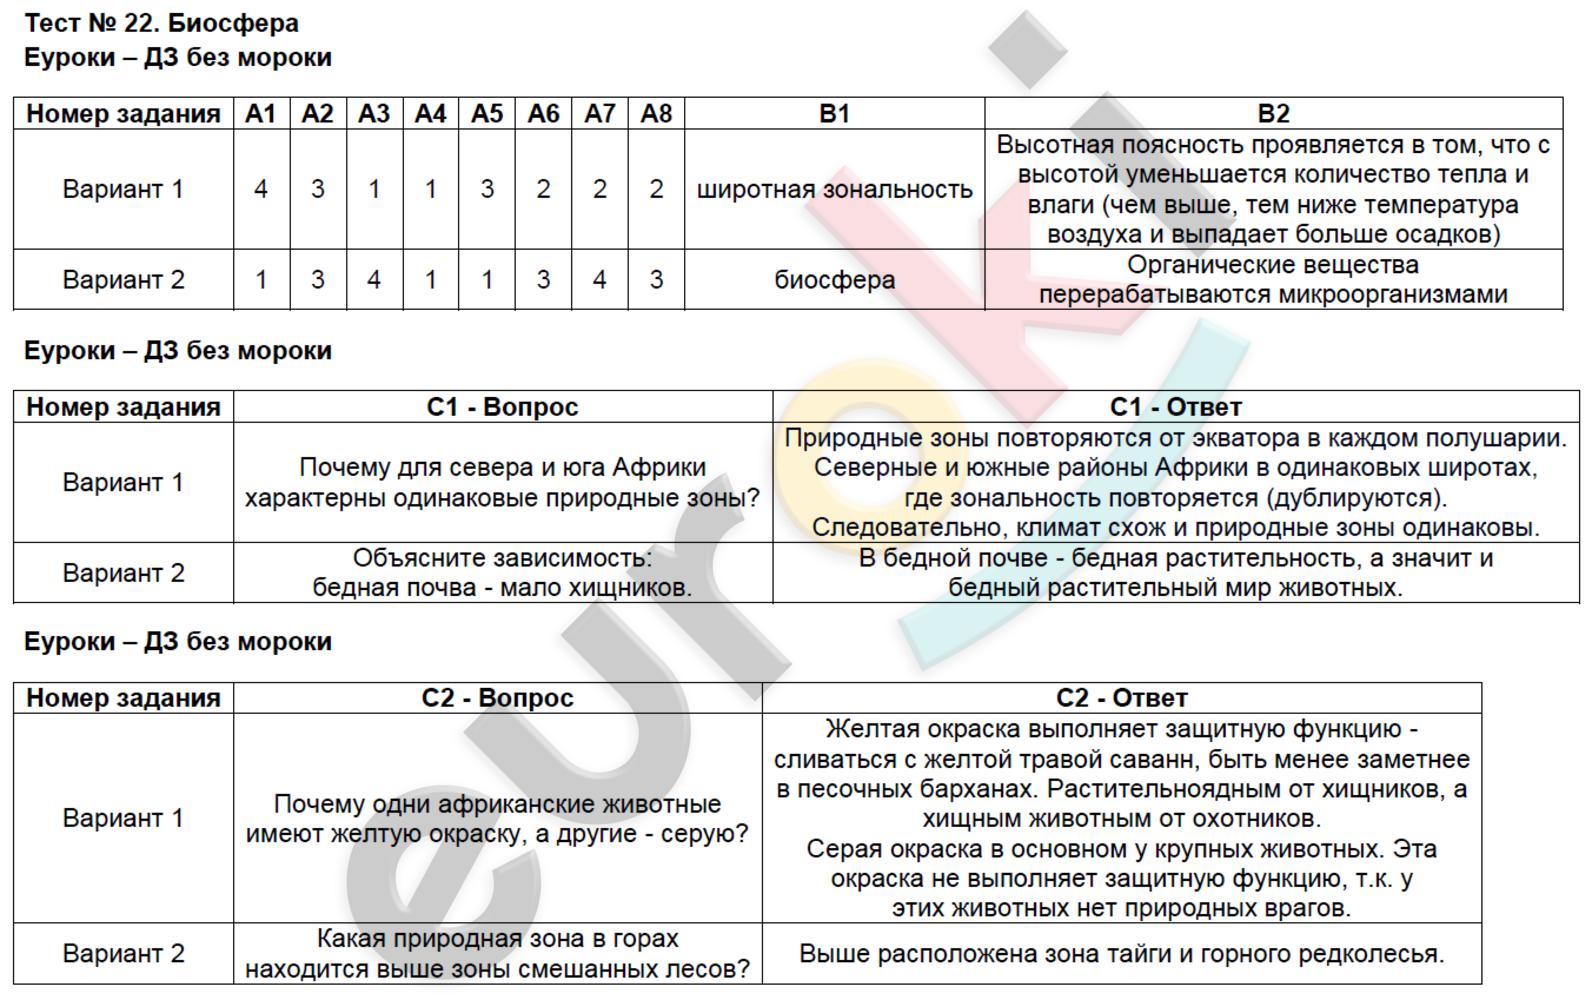 ГДЗ по географии 6 класс контрольно-измерительные материалы Жижина. Задание: Тест 22. Биосфера